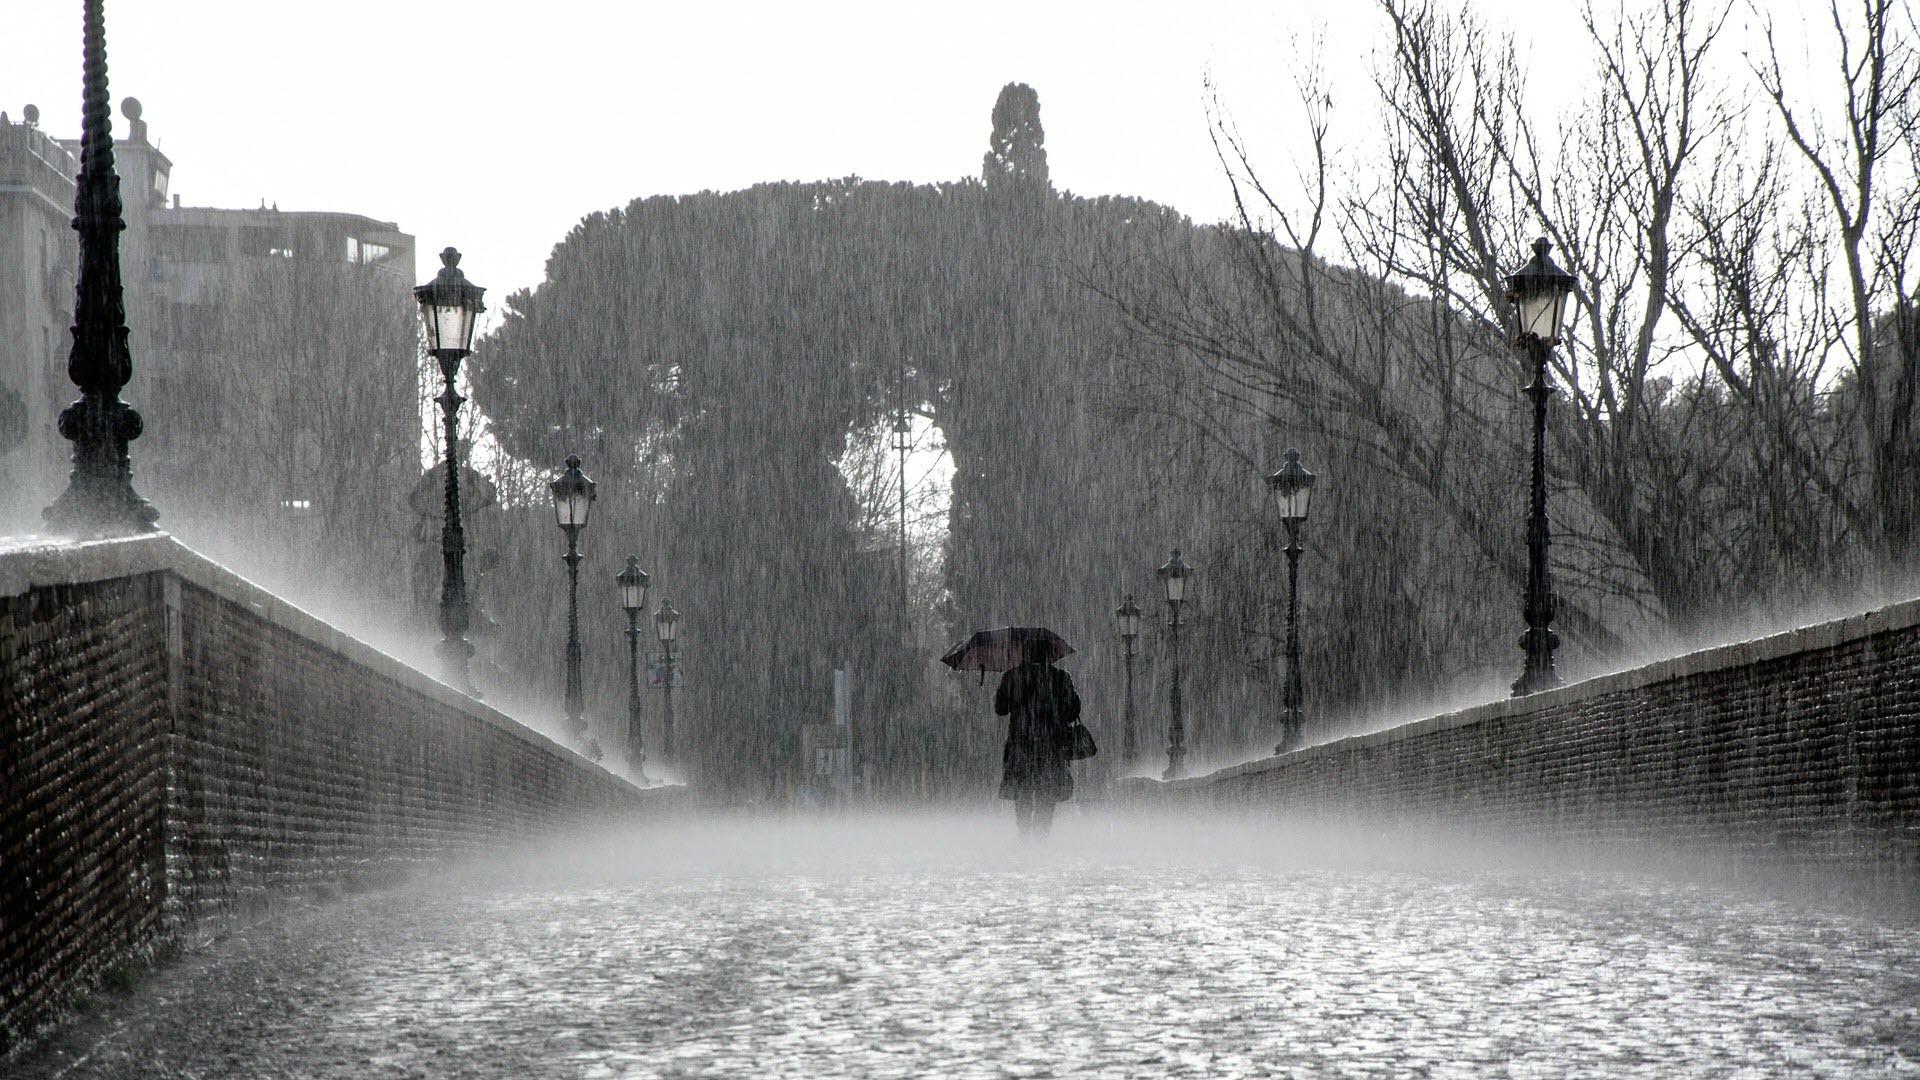 Hình nền đen trắng cho máy tính cơn mưa trên cầu